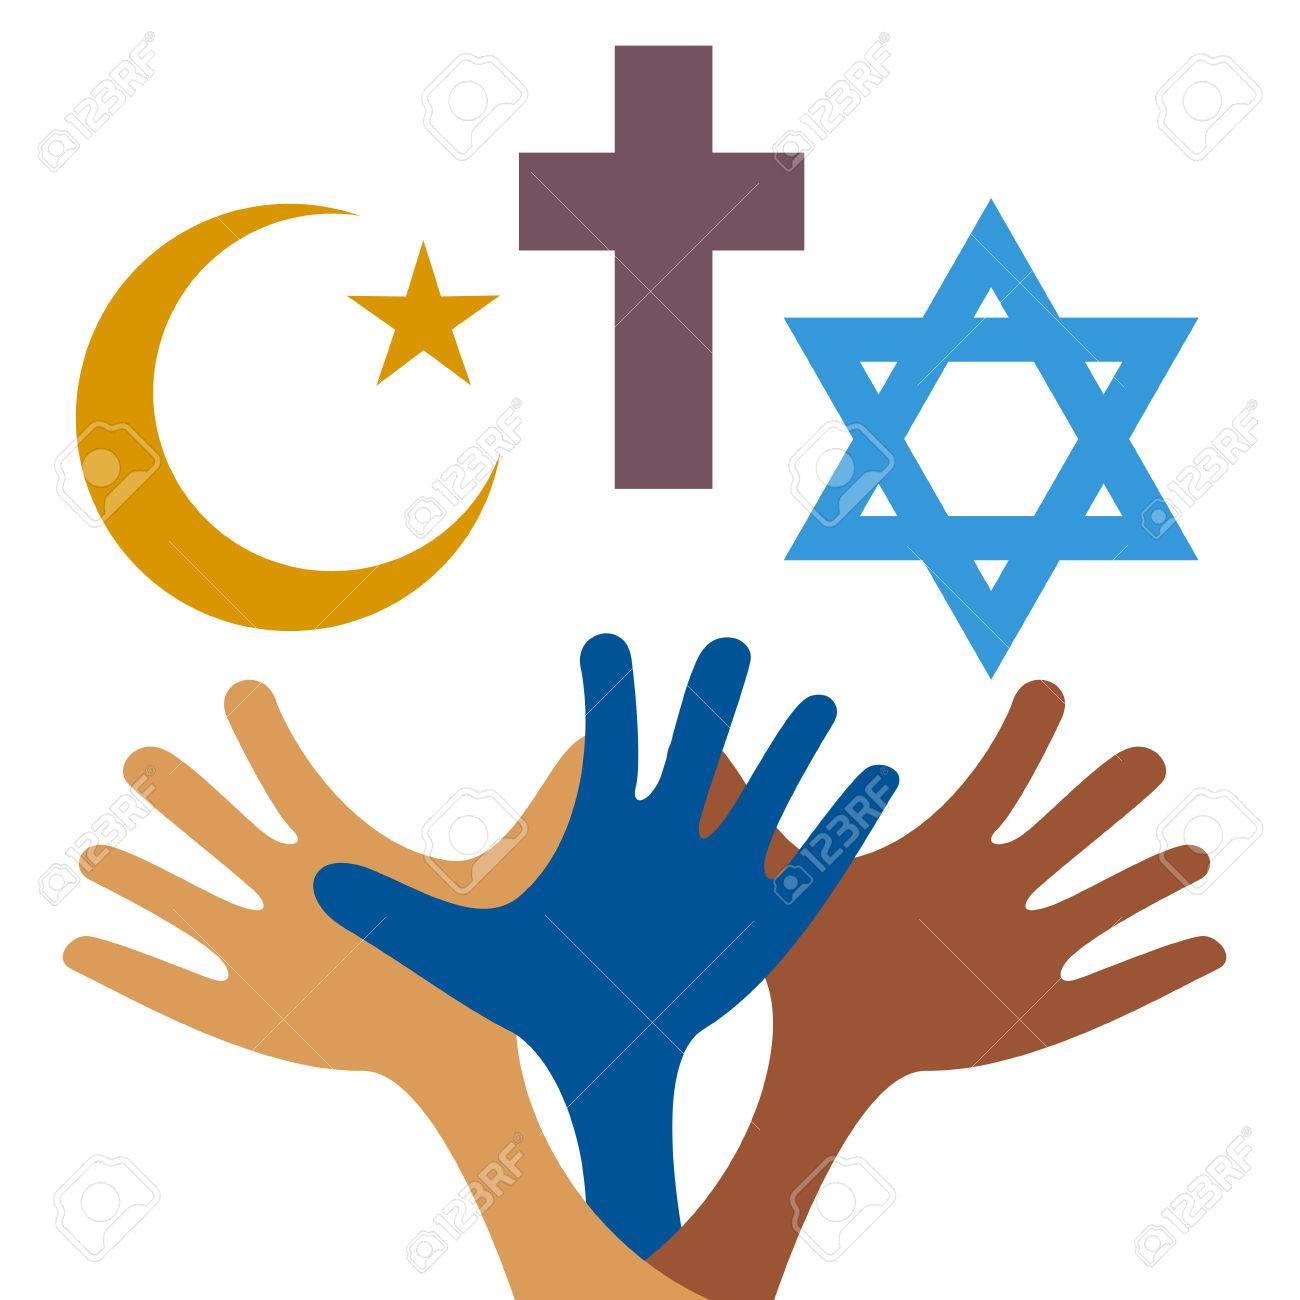 Anniversaires du forum - Page 9 58532501-la-paix-et-le-dialogue-entre-les-religions-symboles-chr%C3%A9tiens-juifs-et-islamique